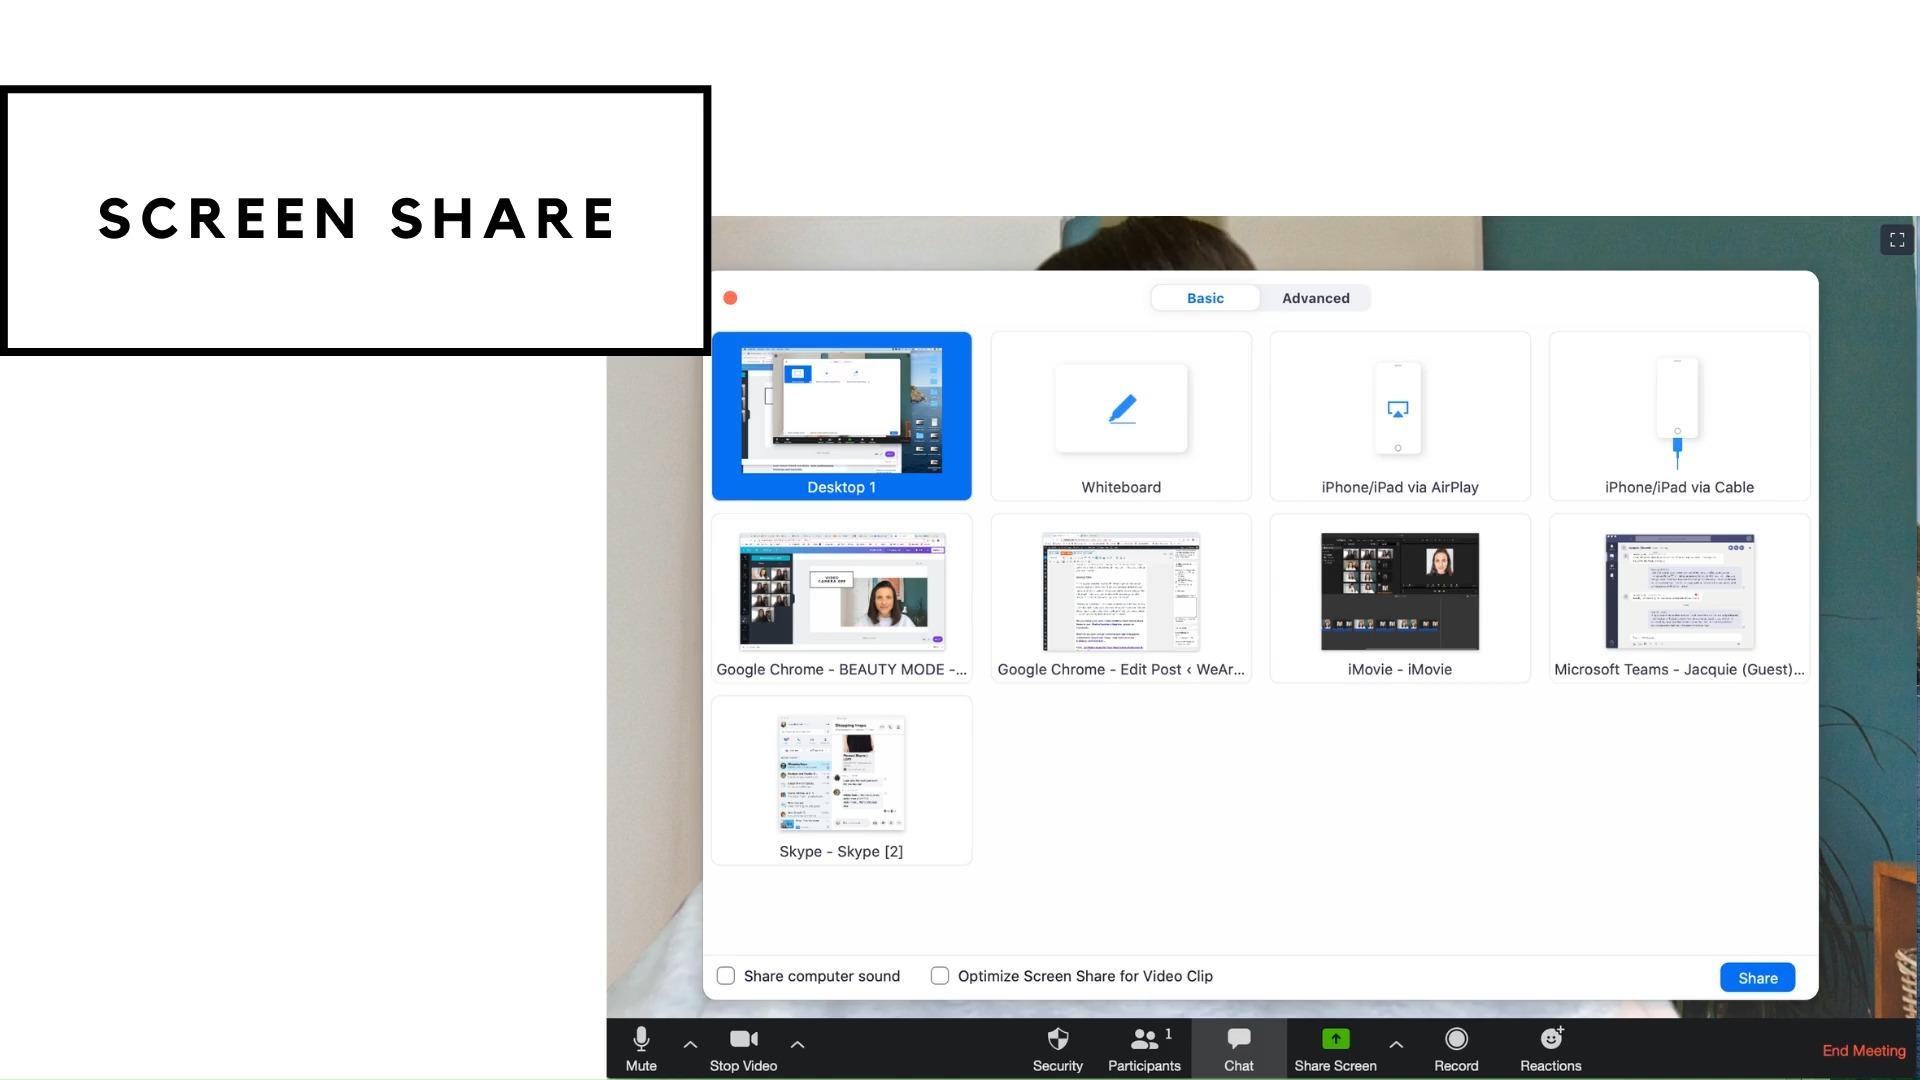 Precaució en compartir pantalla